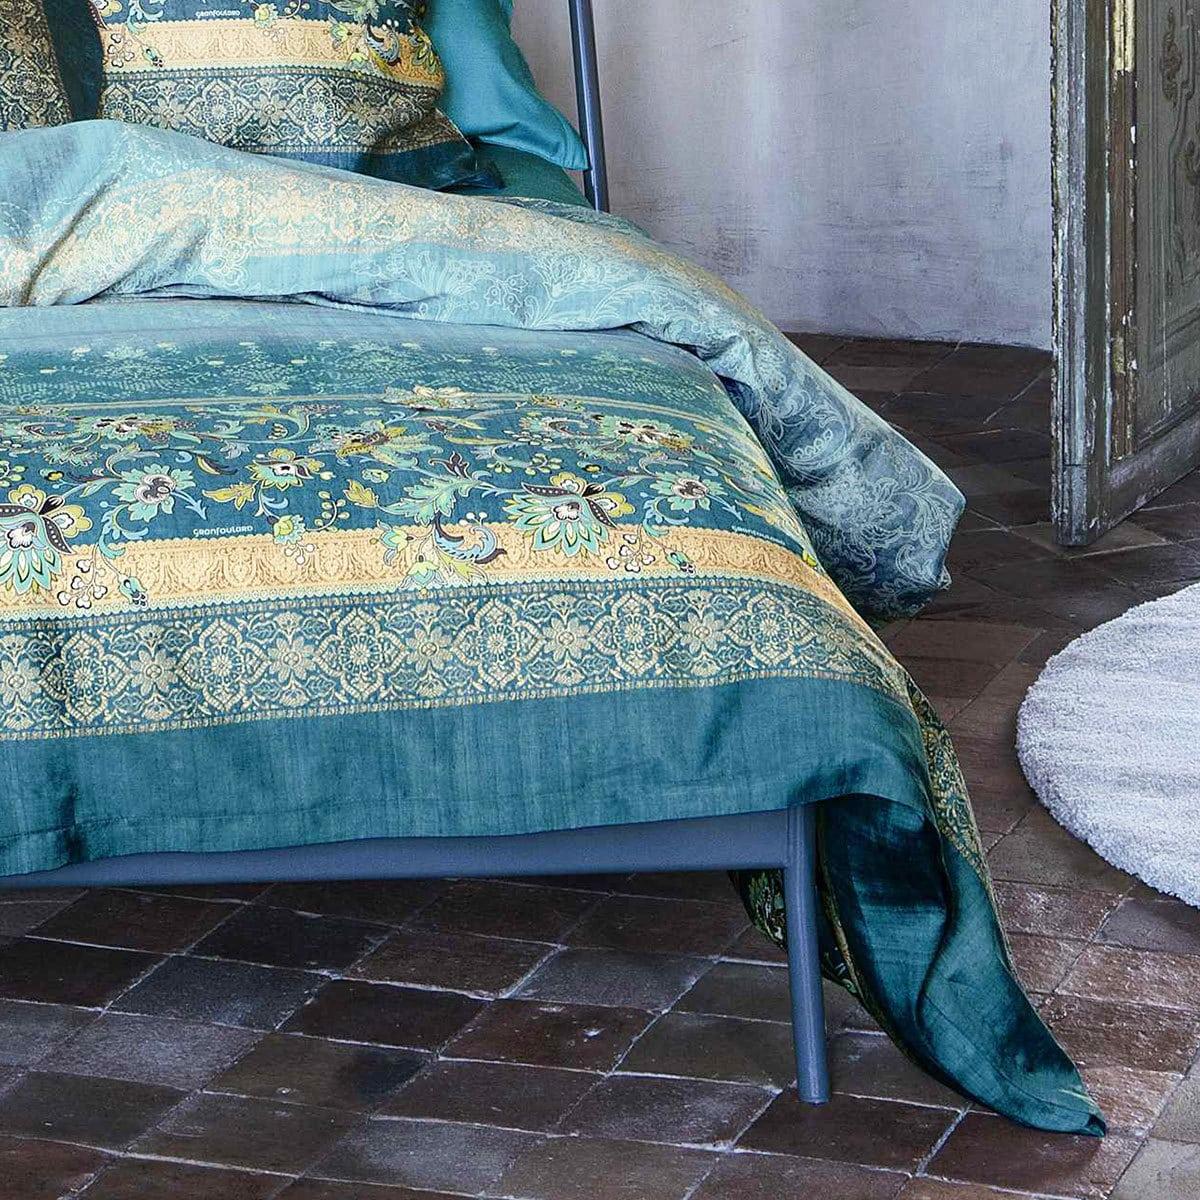 bassetti mako satin bettw sche vasari v2 g nstig online kaufen bei bettwaren shop. Black Bedroom Furniture Sets. Home Design Ideas